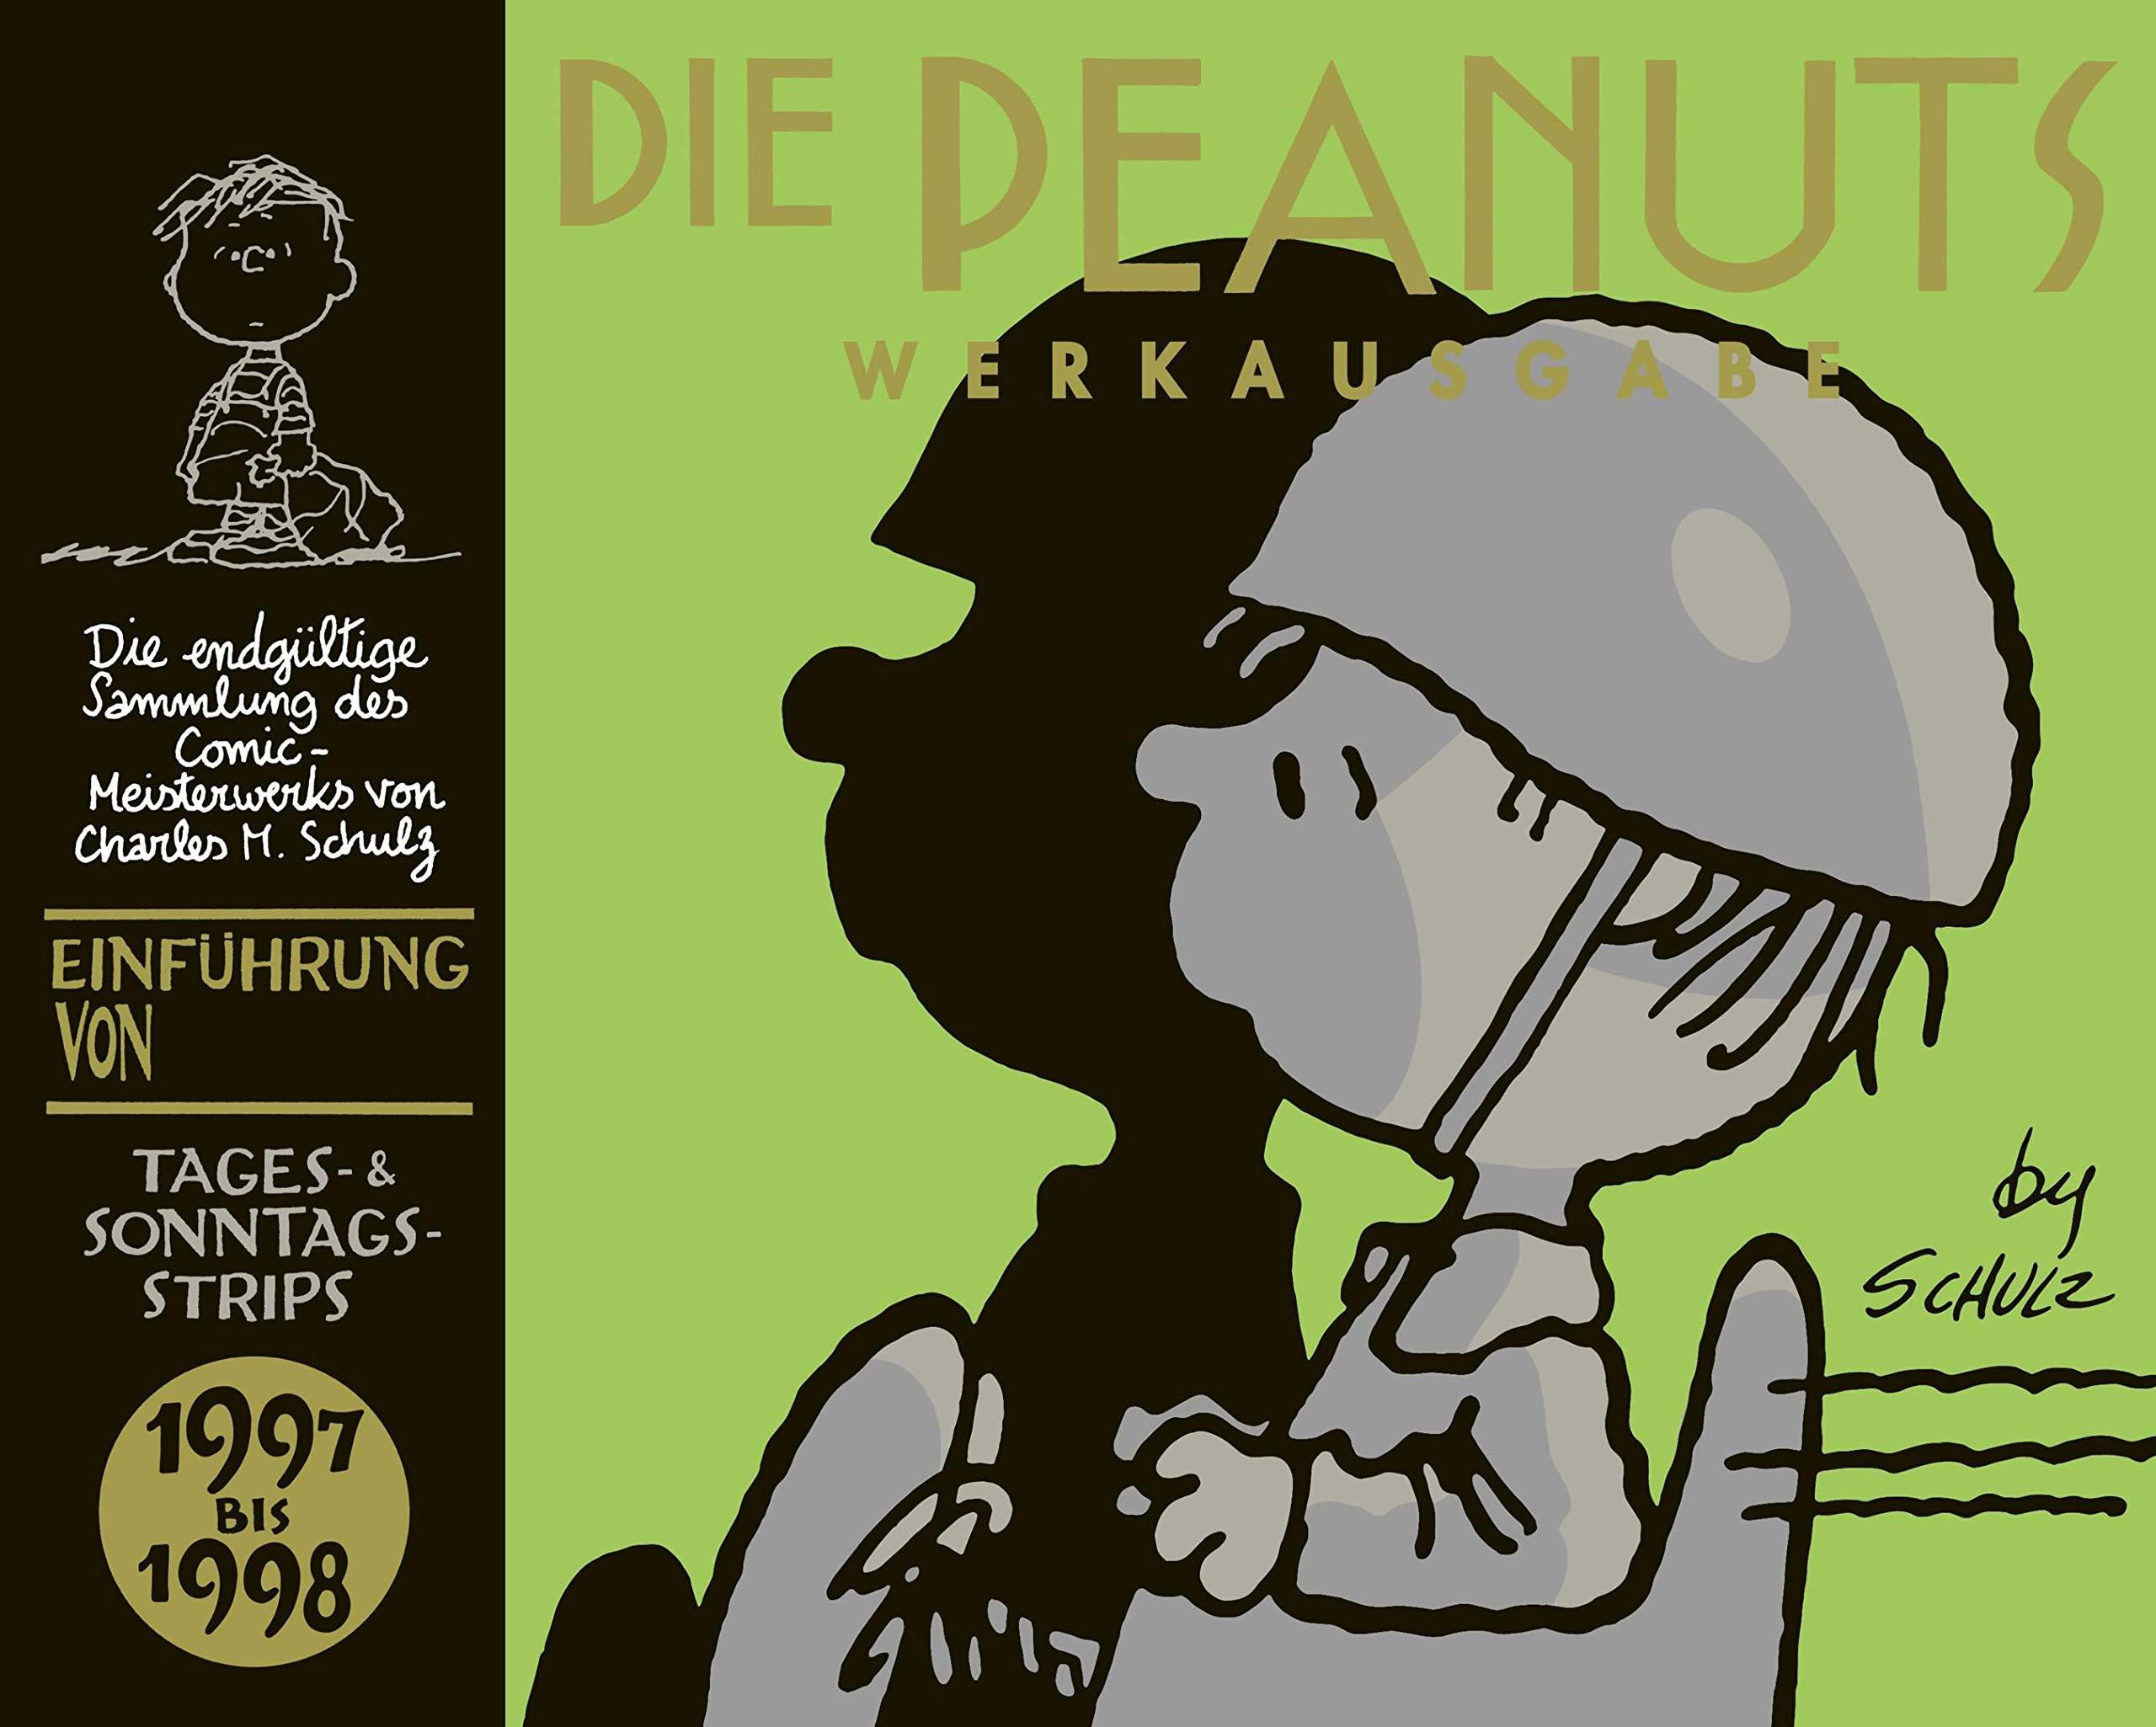 Peanuts Werkausgabe 24: 1997-1998 Gebundenes Buch – 27. Februar 2018 Charles M. Schulz Matthias Wieland Carlsen 3551790841